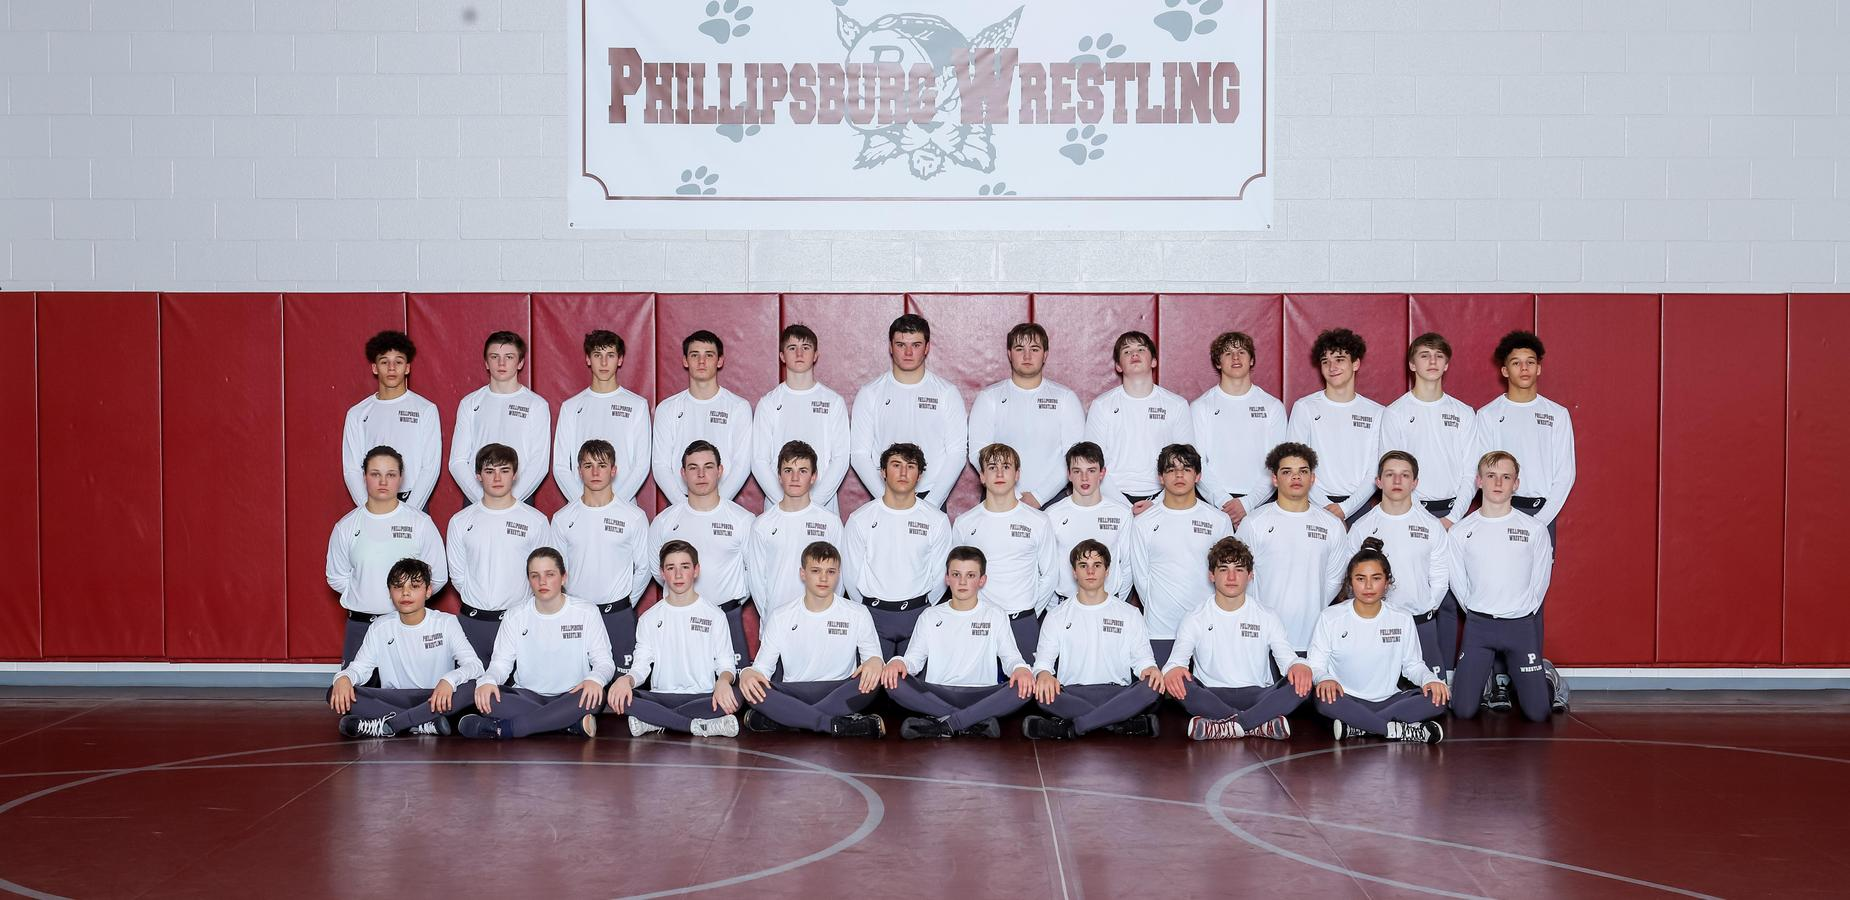 PHS Wrestlers